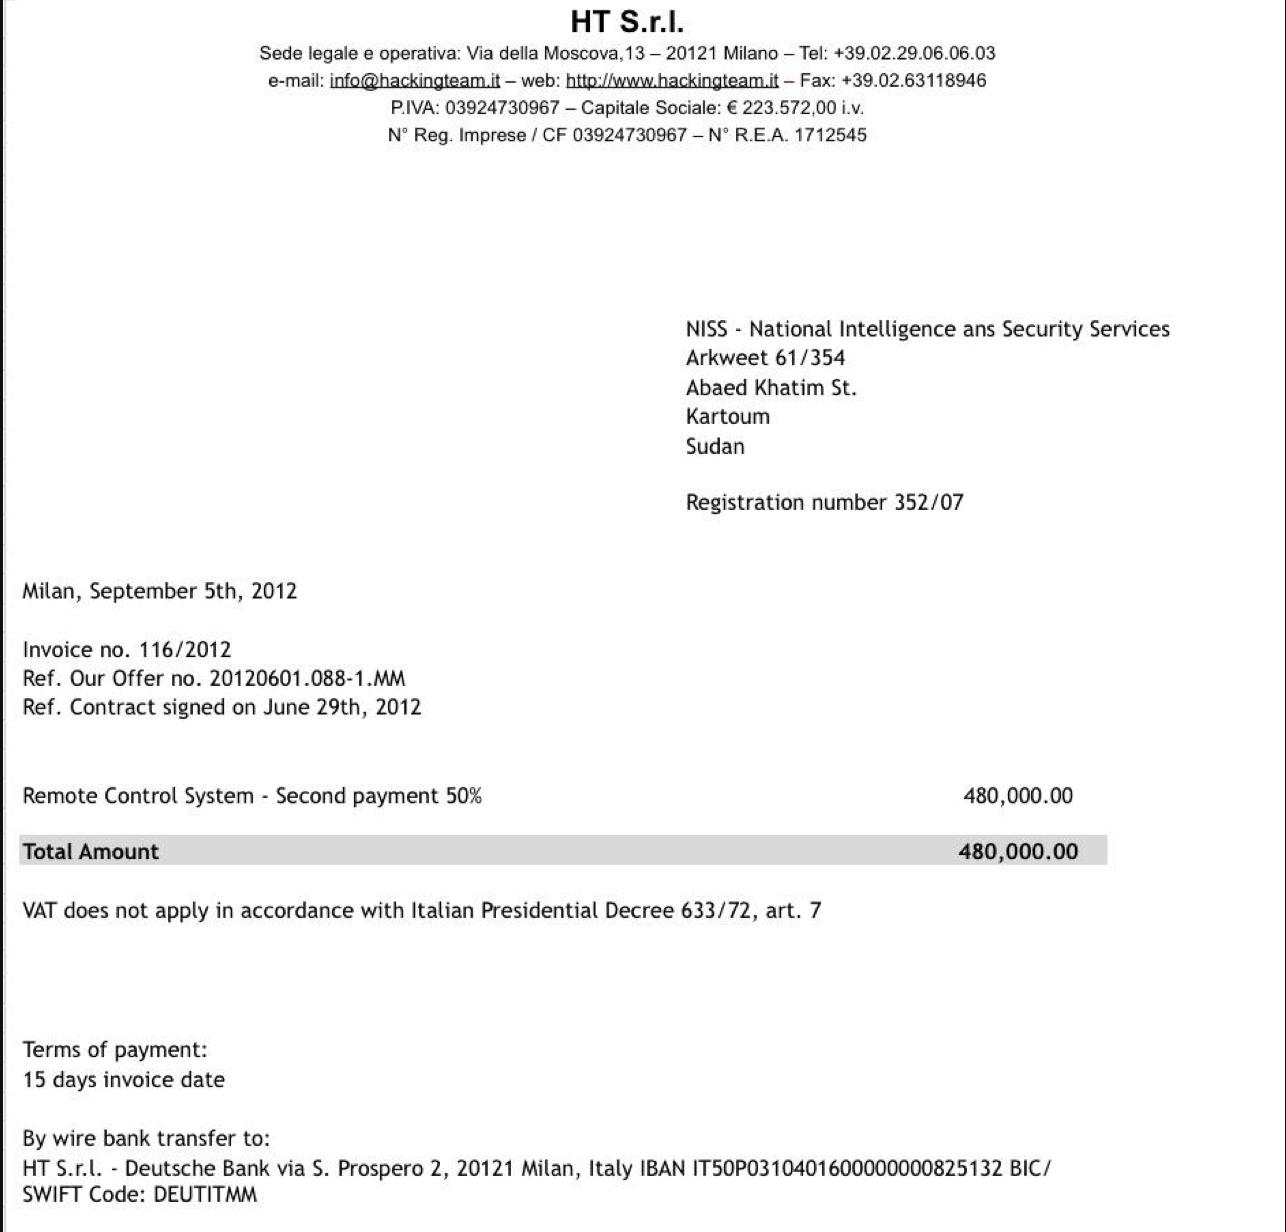 Hacking Team Sudan Invoice